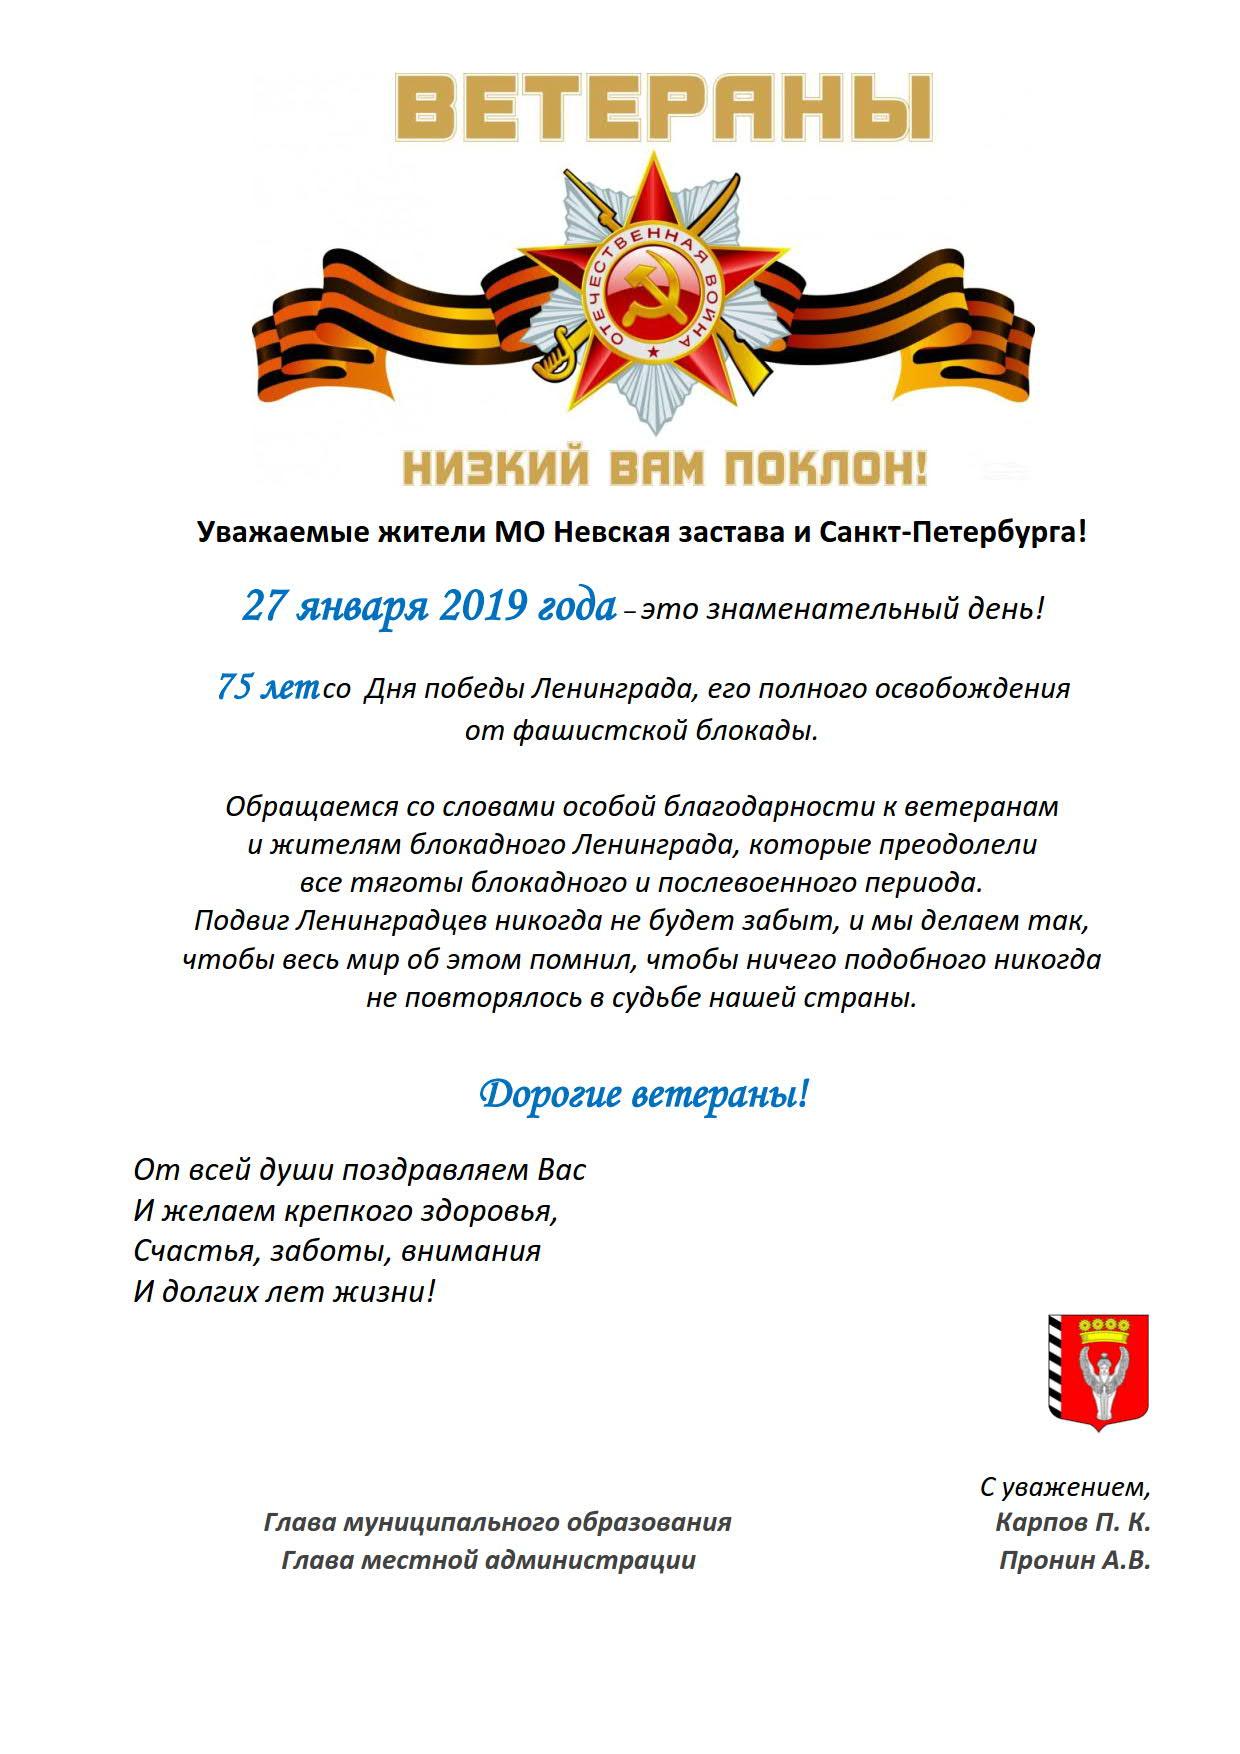 Уважаемые жители МО Невская застава и Санкт_1